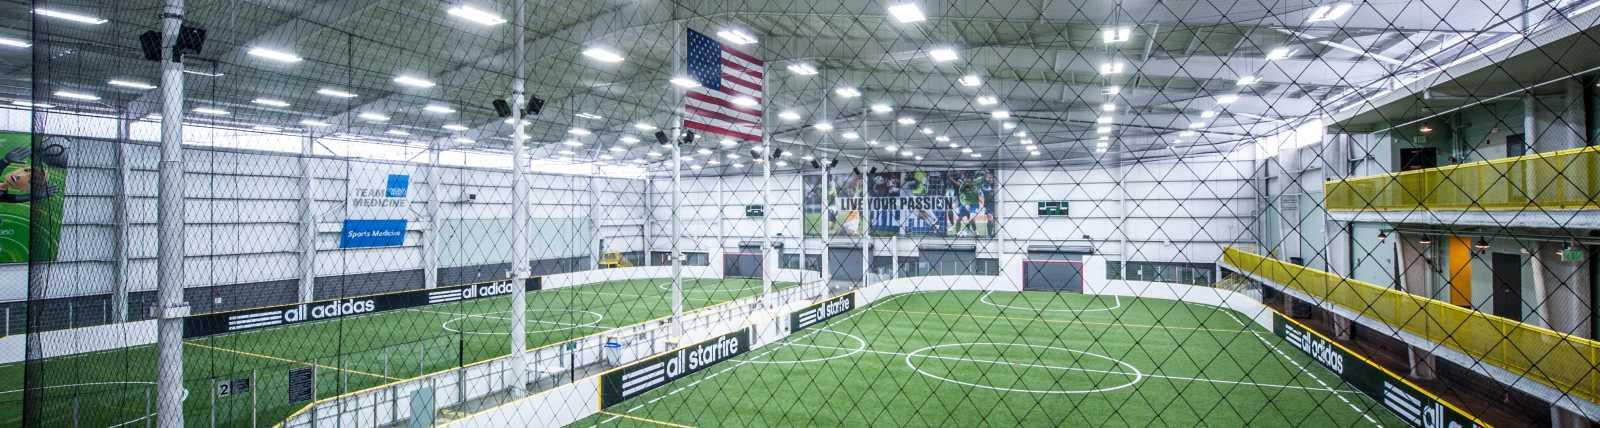 Athletic Center - Inside